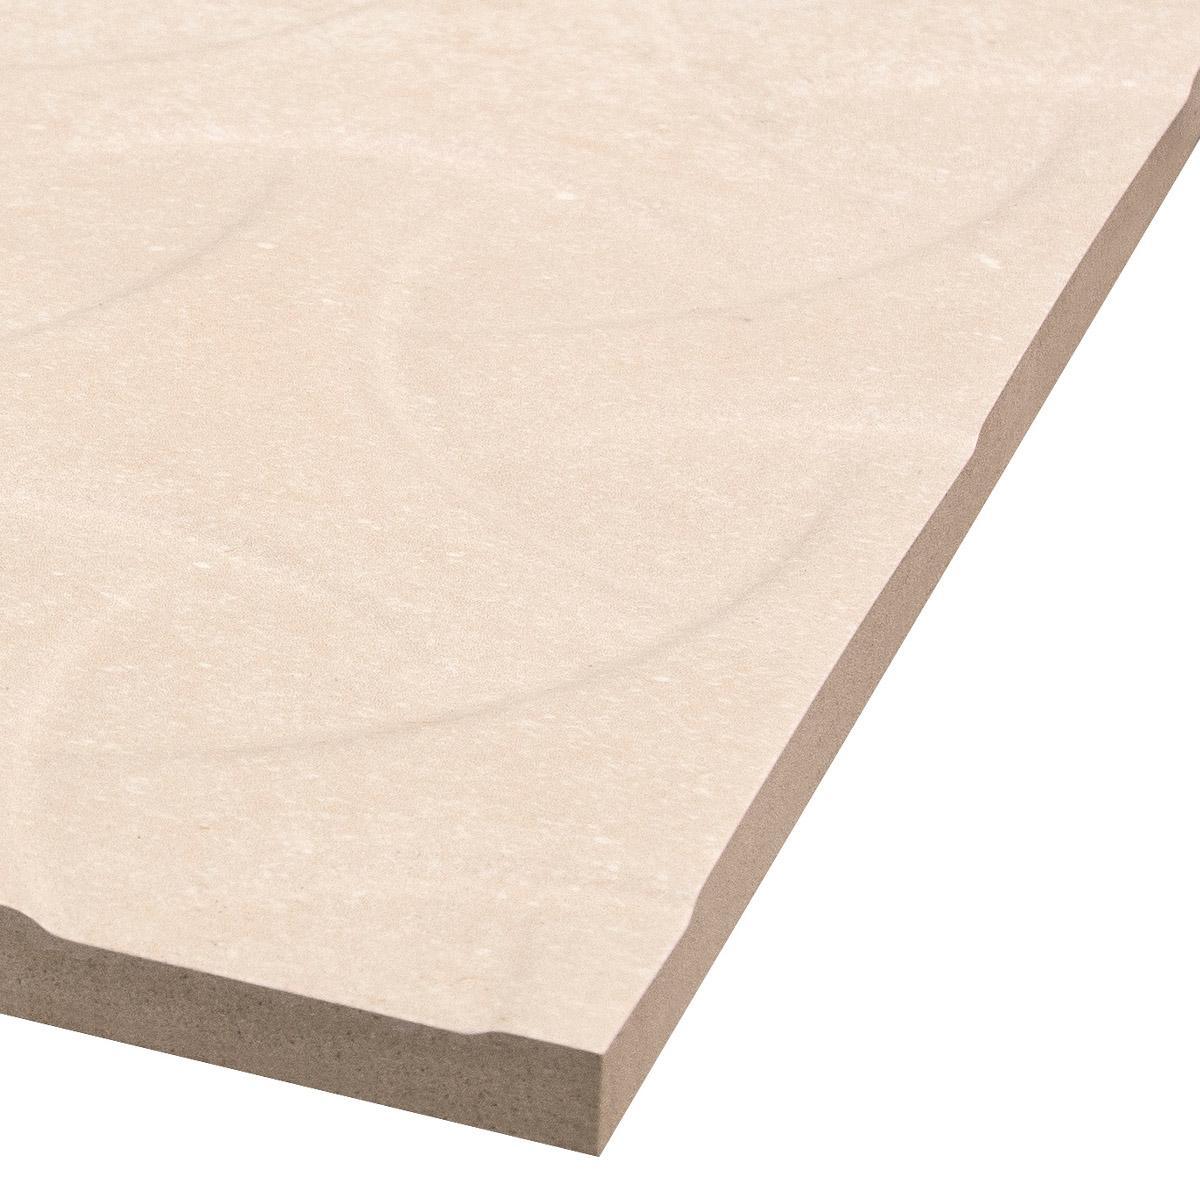 Mayólica Wave Beige Mate - 30X60 cm - 0.90 m2